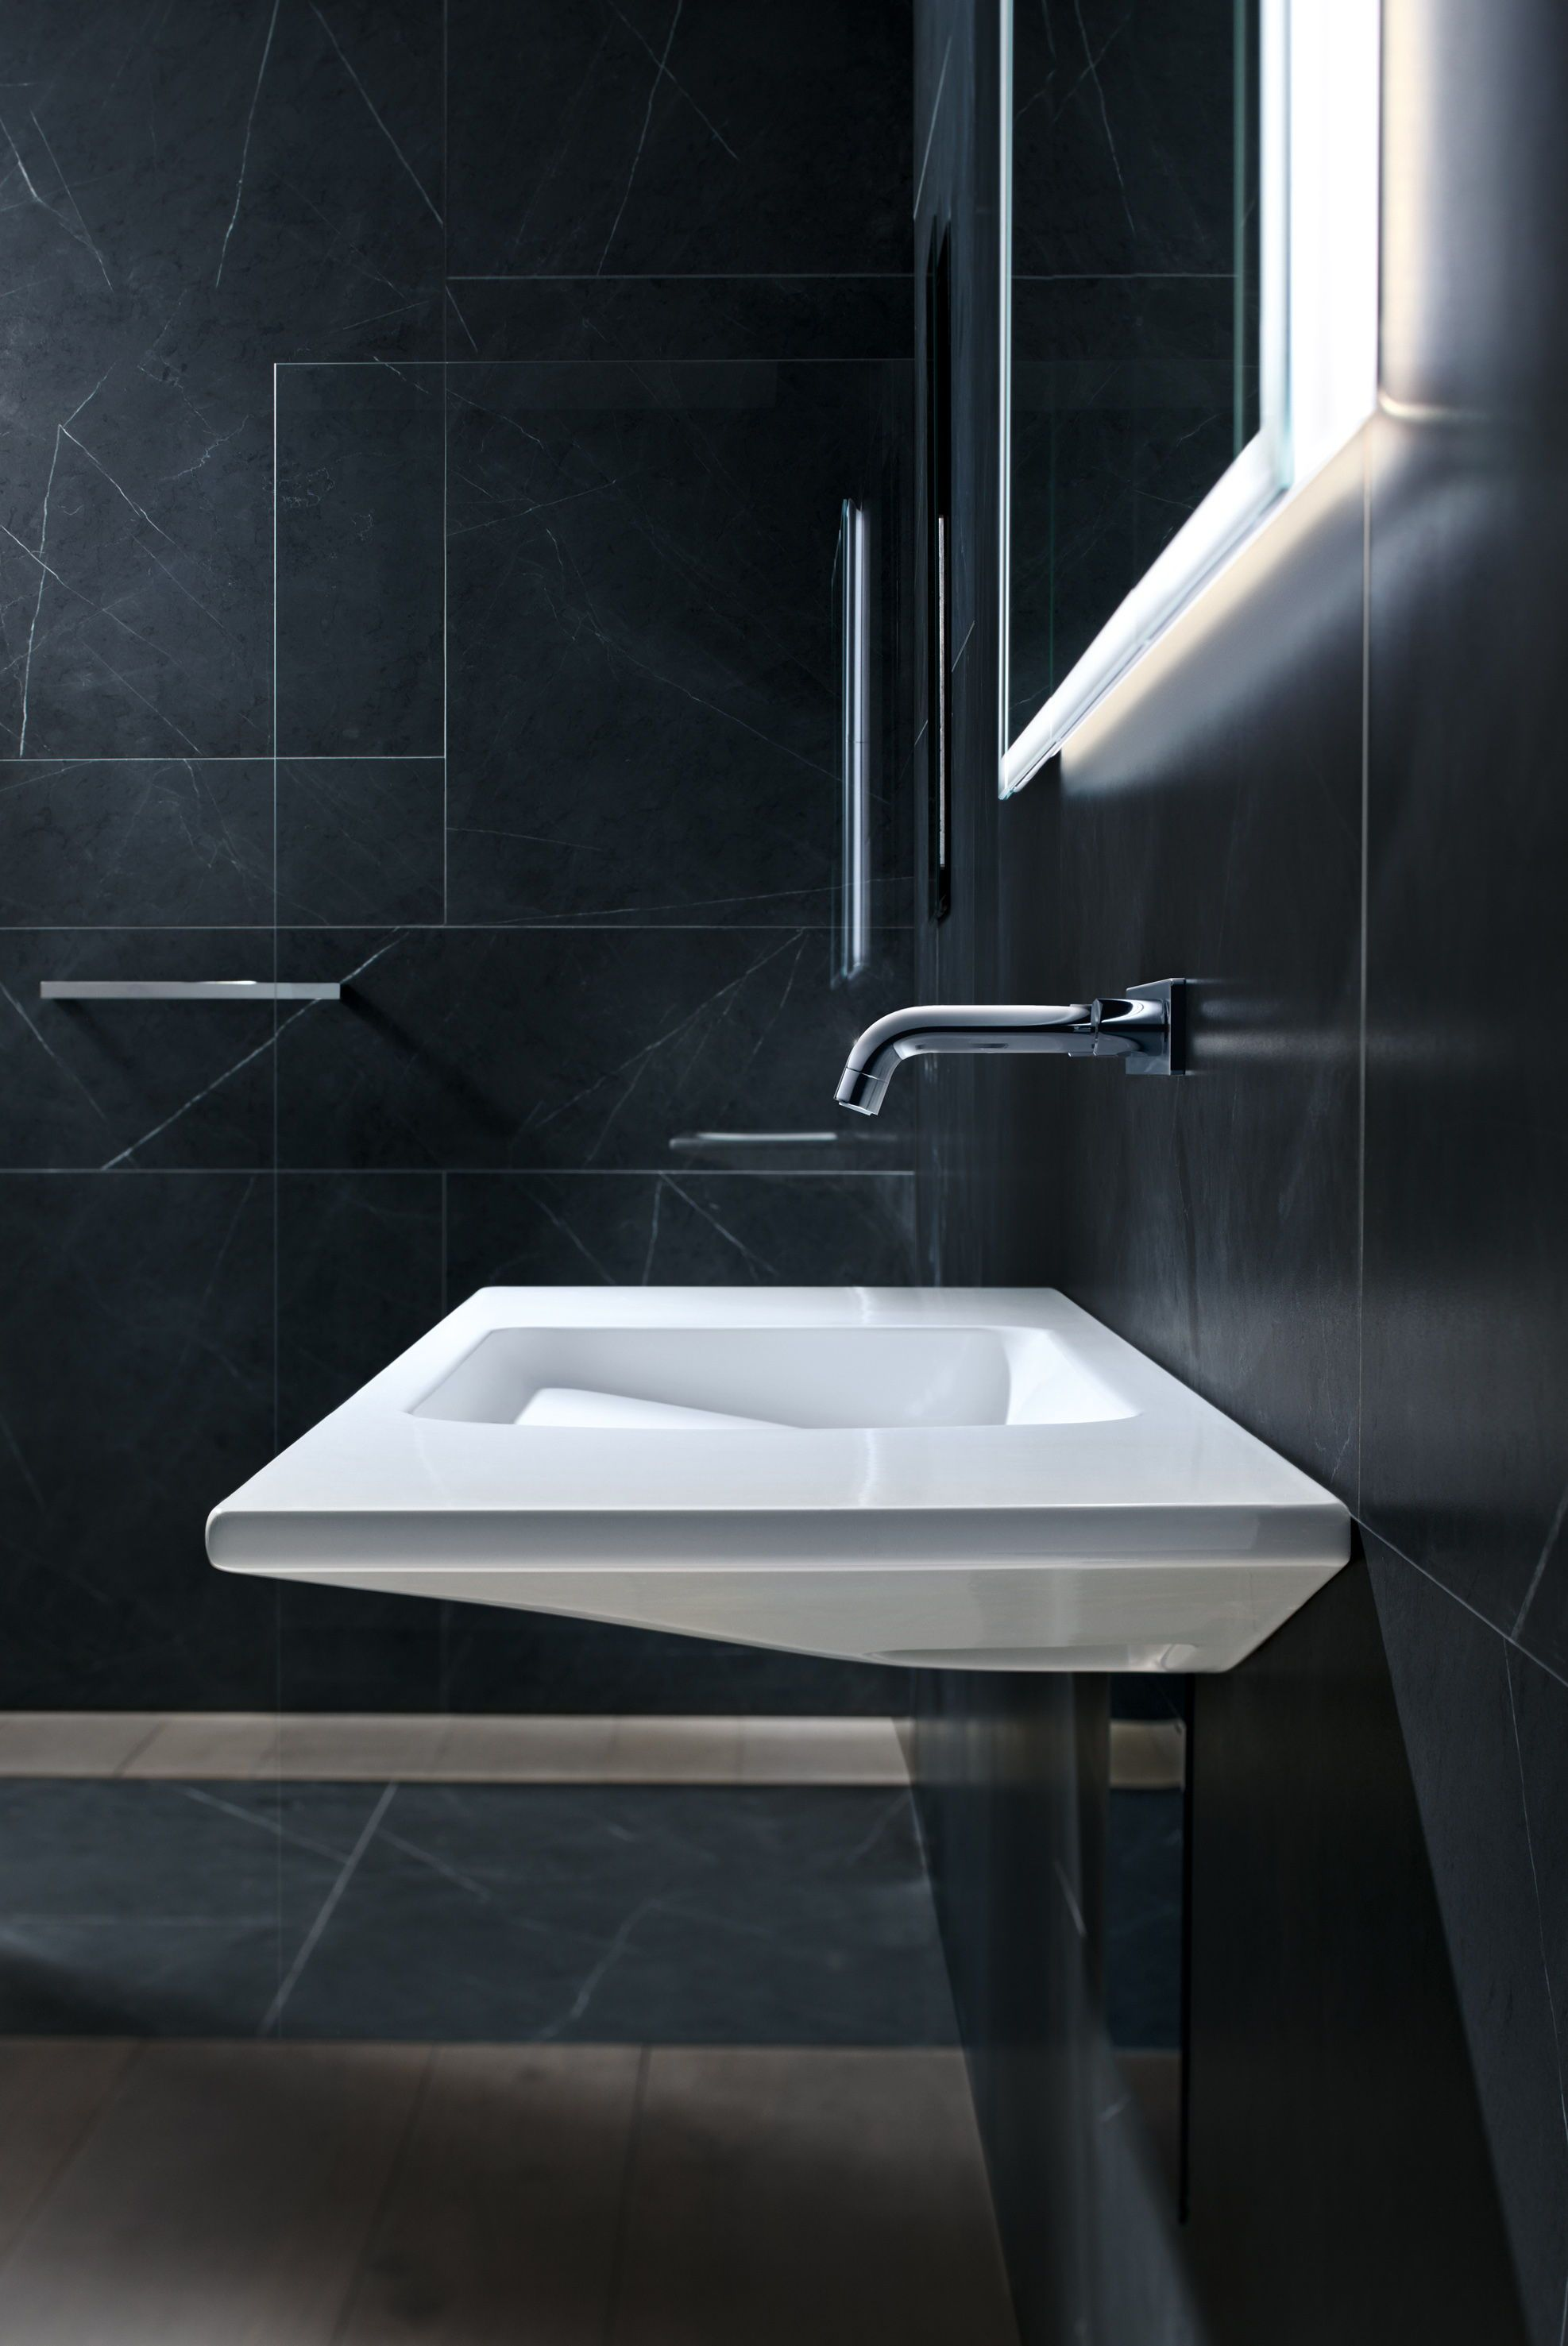 Wandarmatur Fur Das Waschbecken In 2020 Waschtisch Badezimmer Trends Badezimmer Inspiration